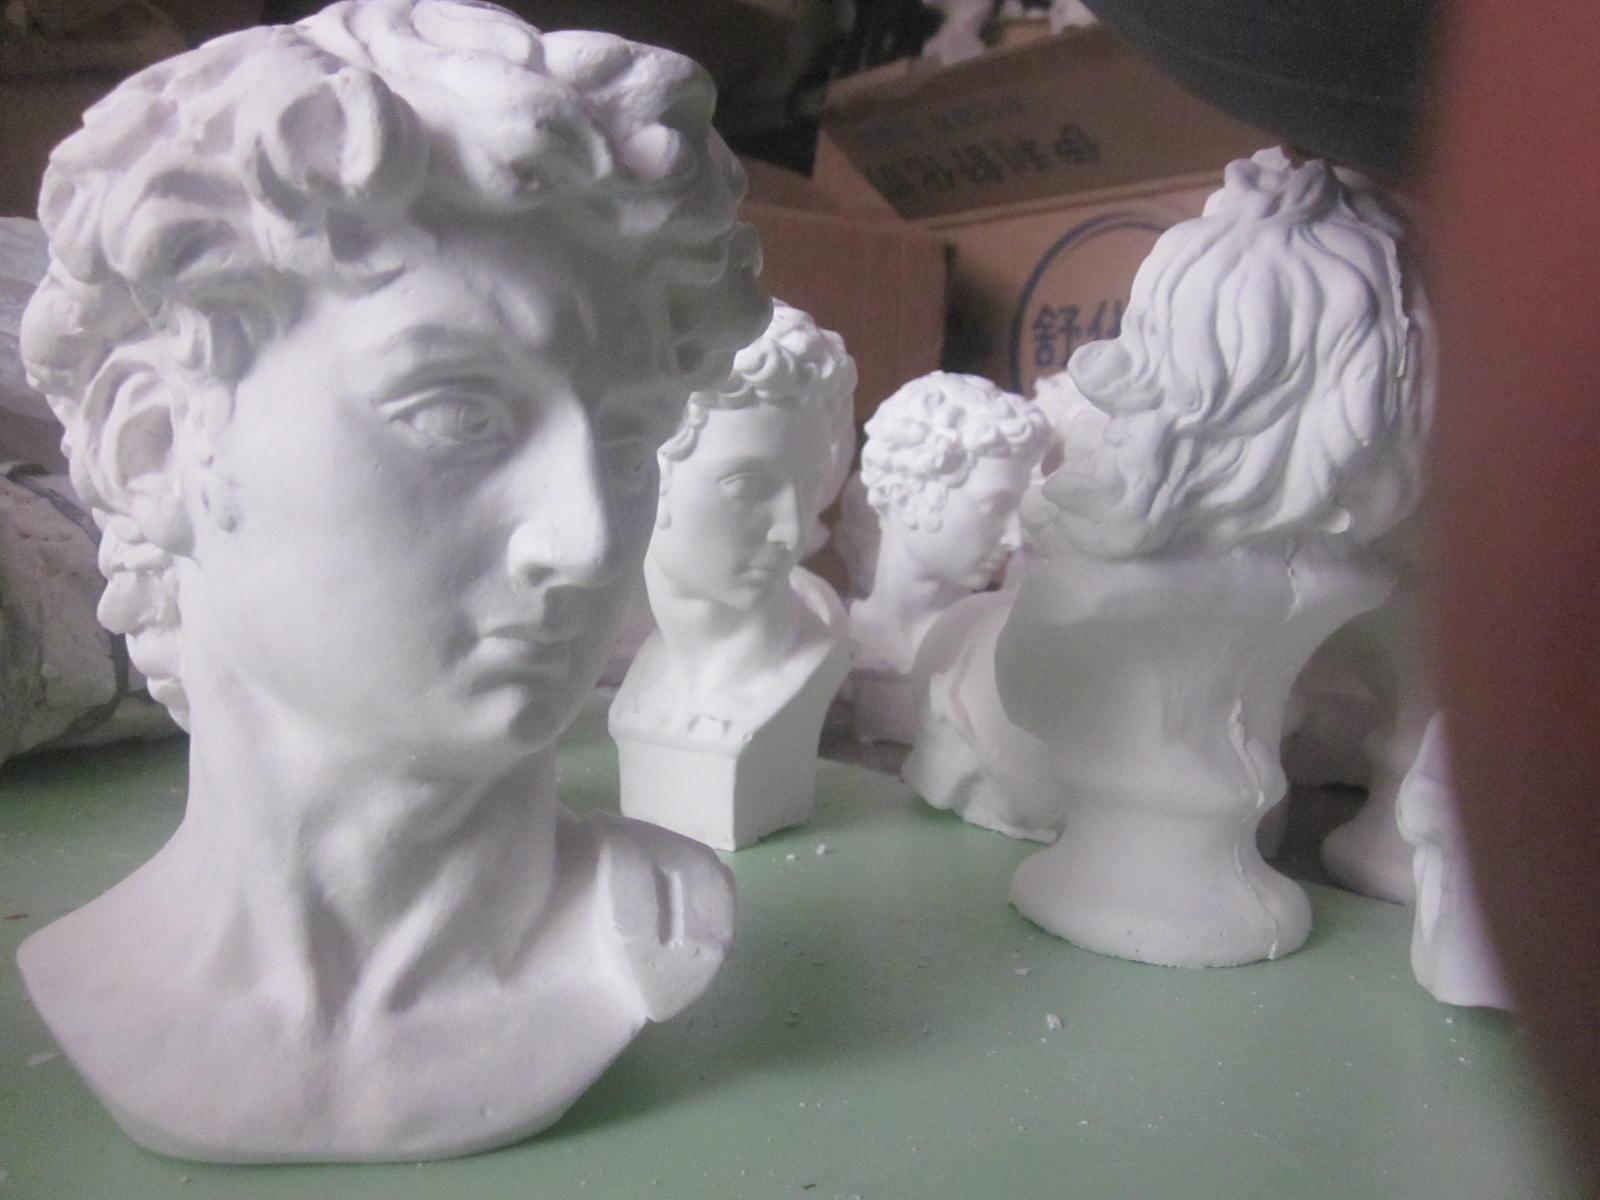 Гипсовая статуя 迷你石膏像树脂小大卫石膏像另有树脂材料的迷你石膏像每个20元